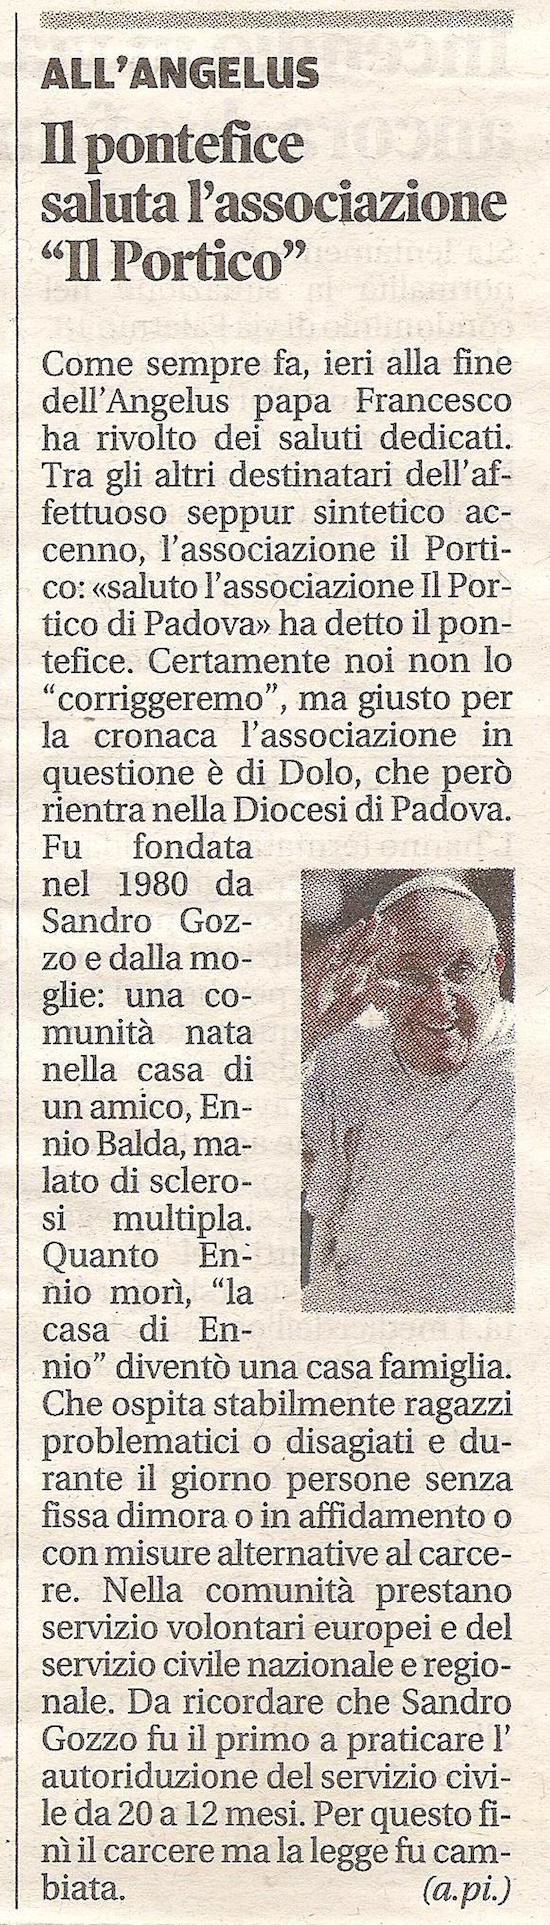 2014.05.05 il mattino di Padova (p. 14)